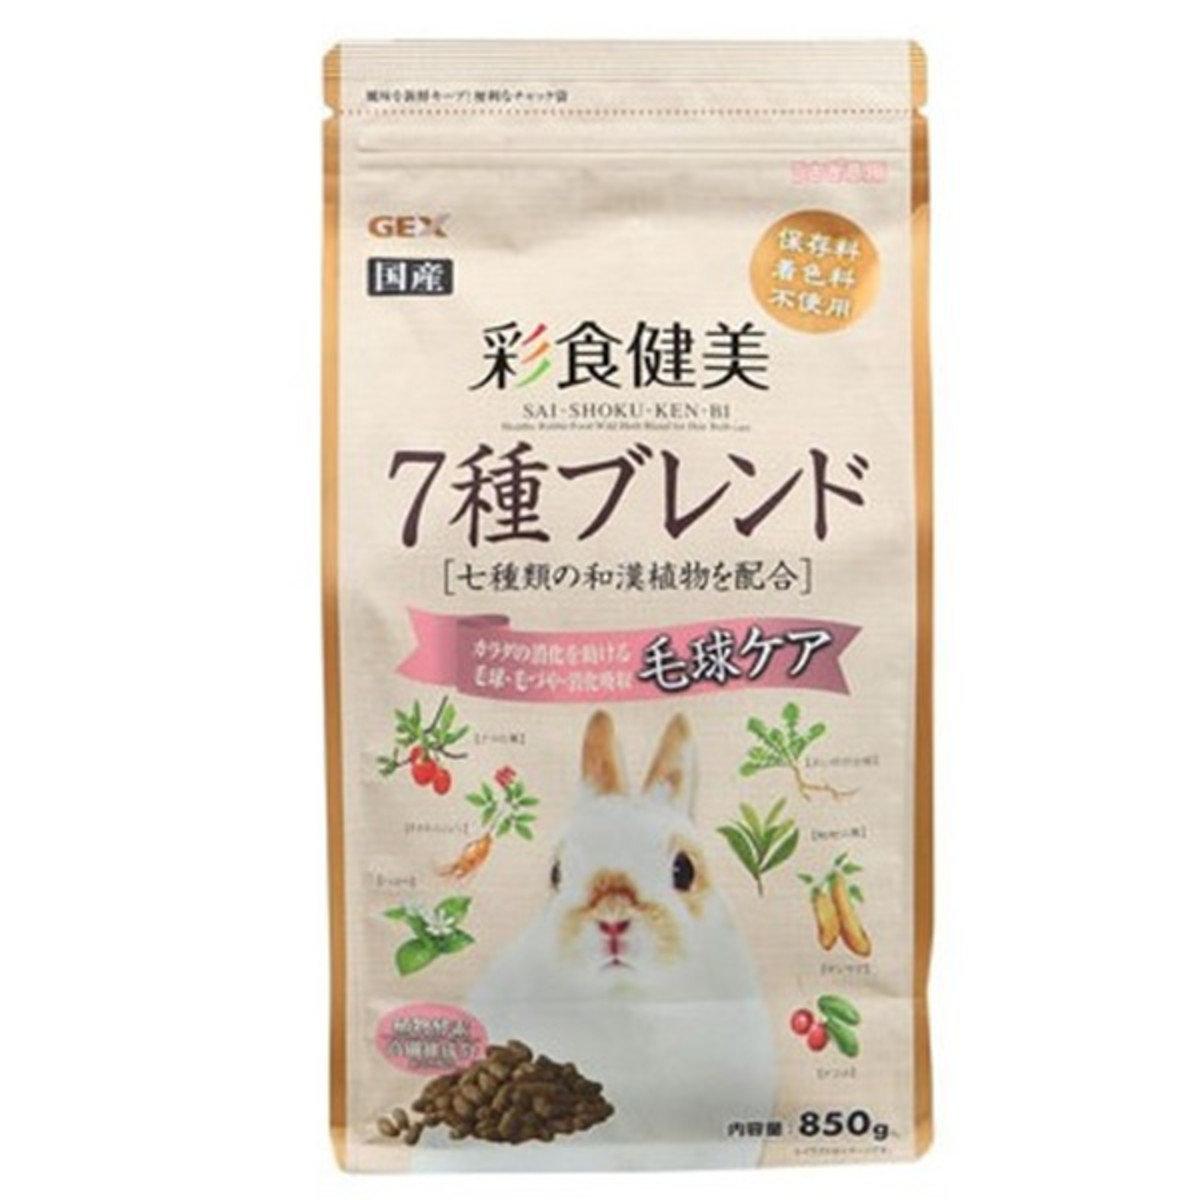 漢方植物高纖去毛球減肥兔糧 850g